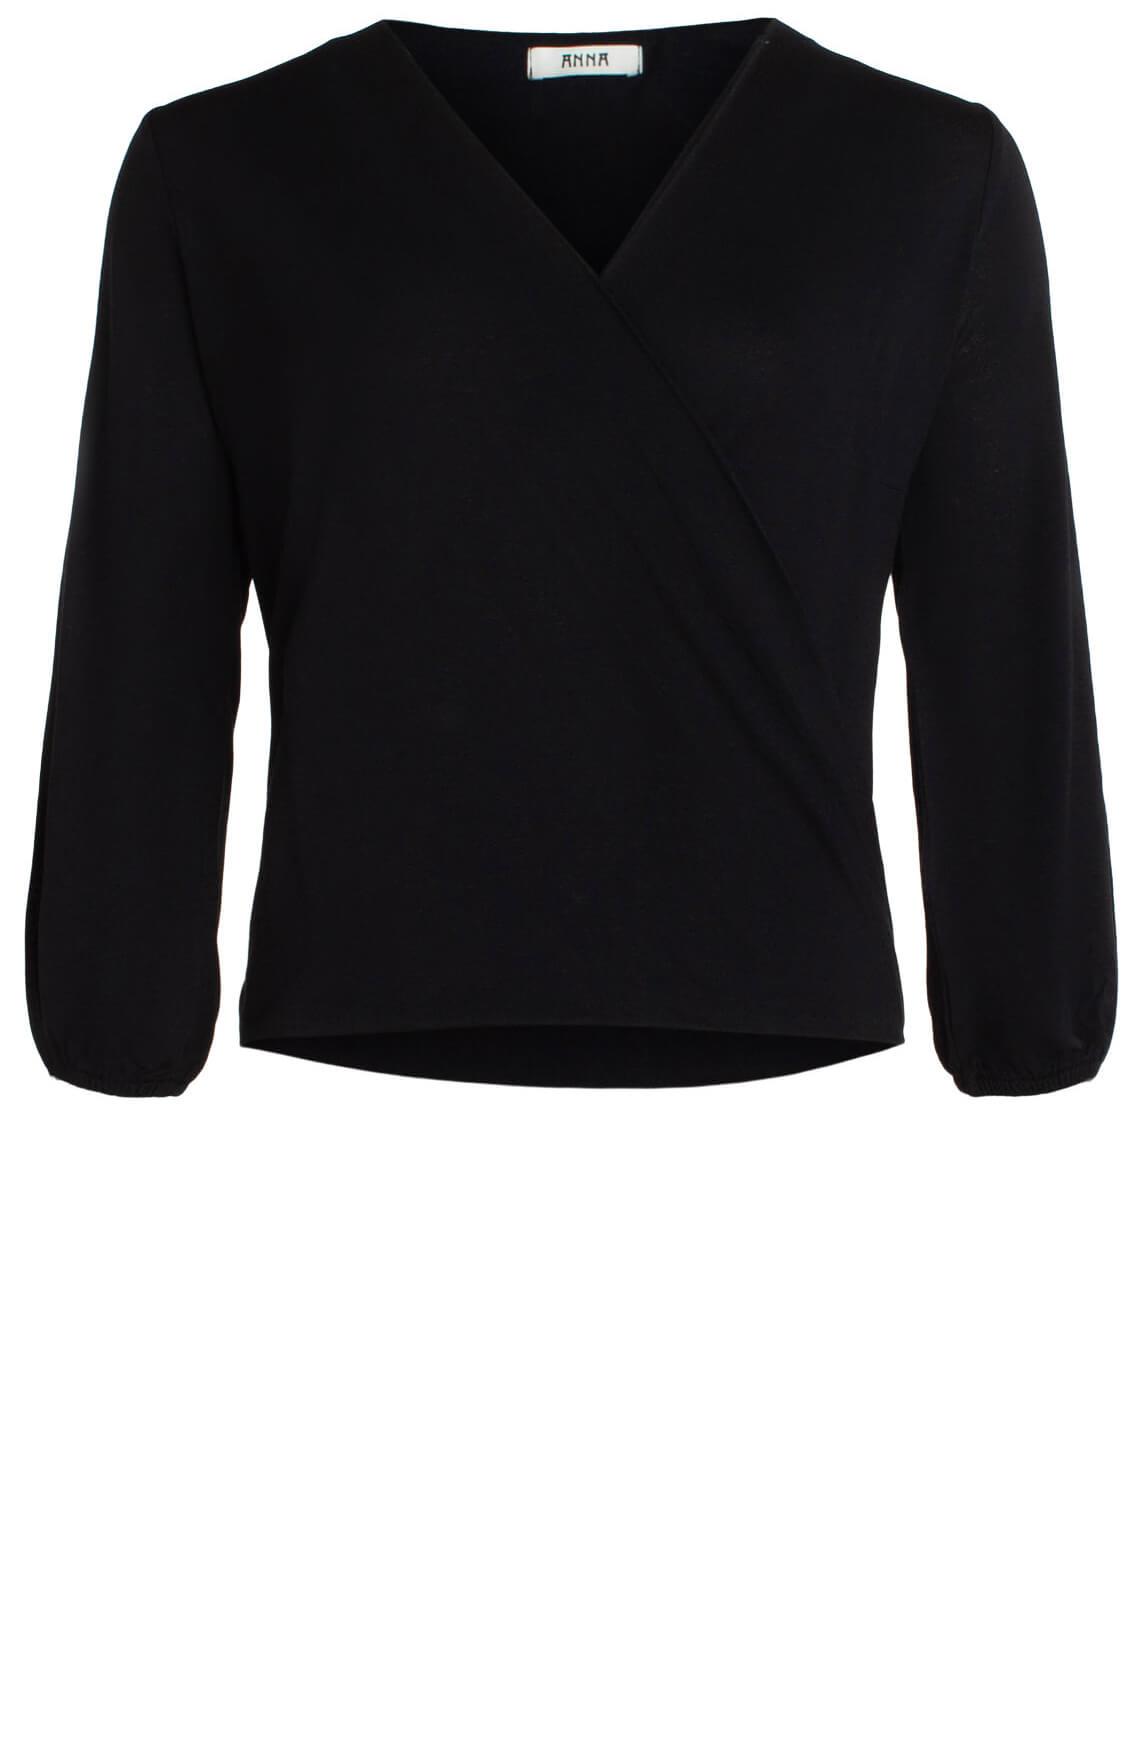 Anna Dames Shirt met overslag zwart